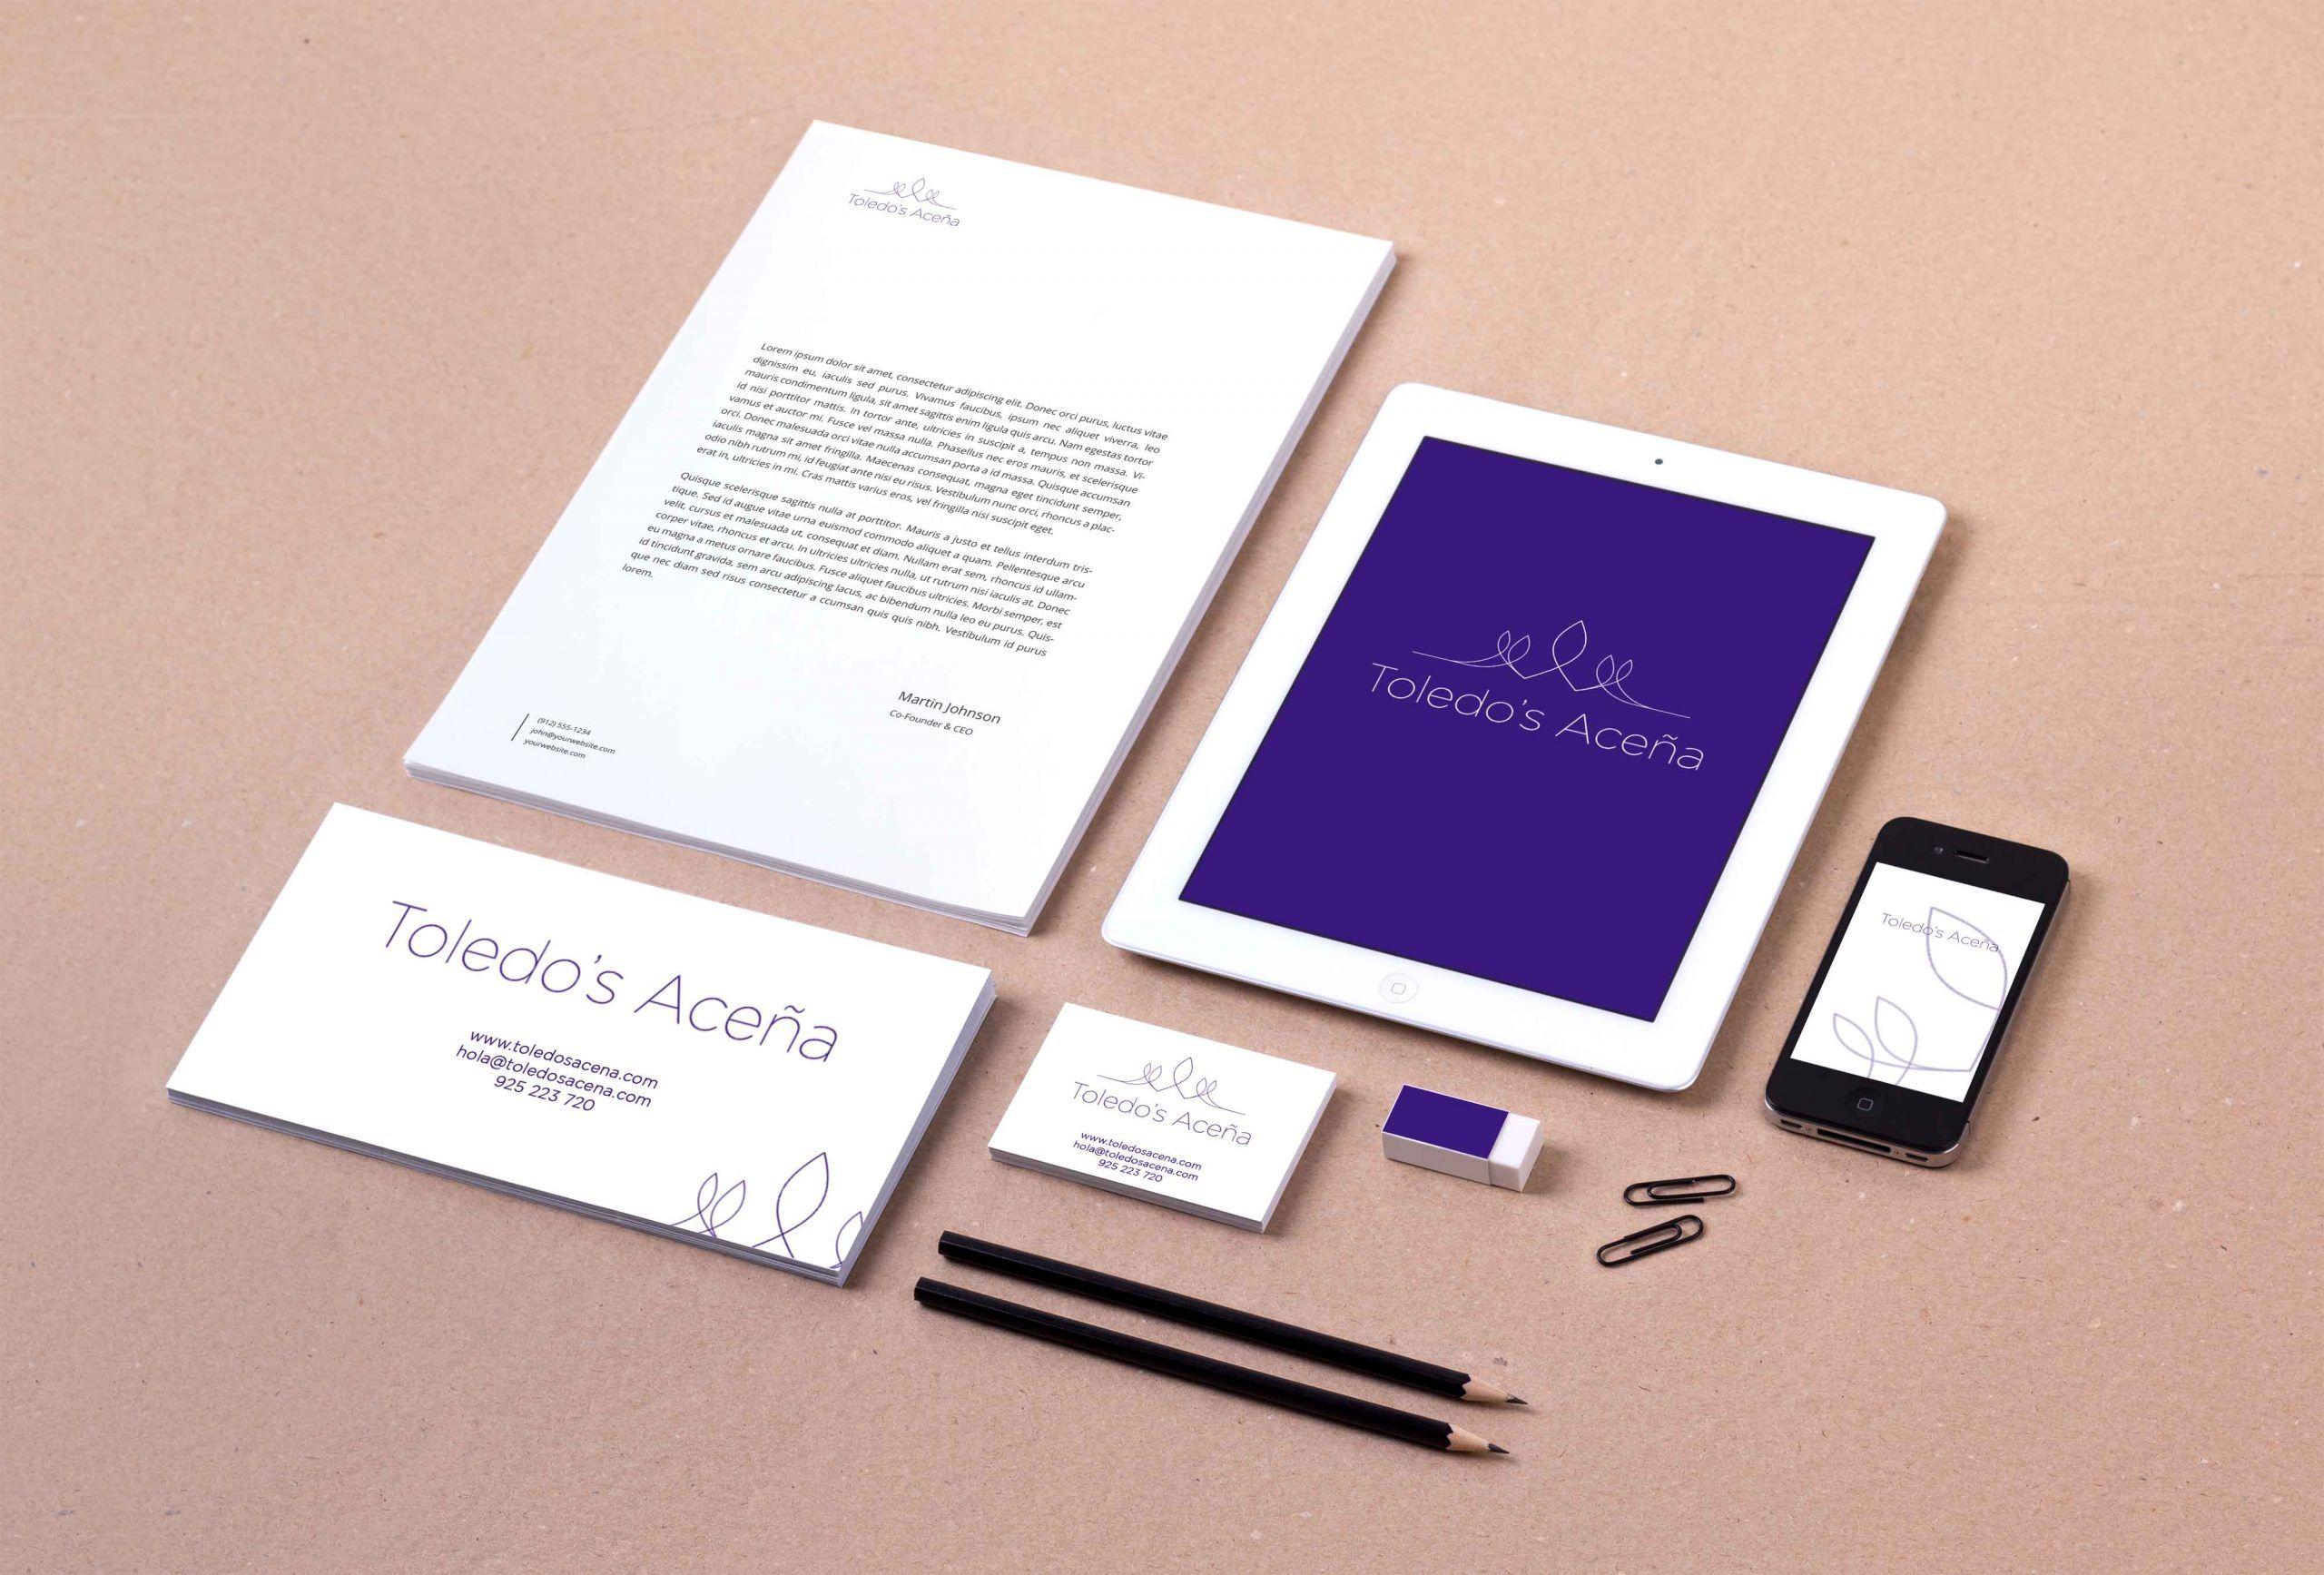 El Estudio verde, Diseño de marca, diseño de logotipos, diseño de packaging, diseño de envases, logotipos para comercios, logotipos para empresas, rediseño de logotipos, rediseño de marcas, branding, naming, toledo, madrid, diseño gráfico, diseño web, diseño editorial, papelería corporativa